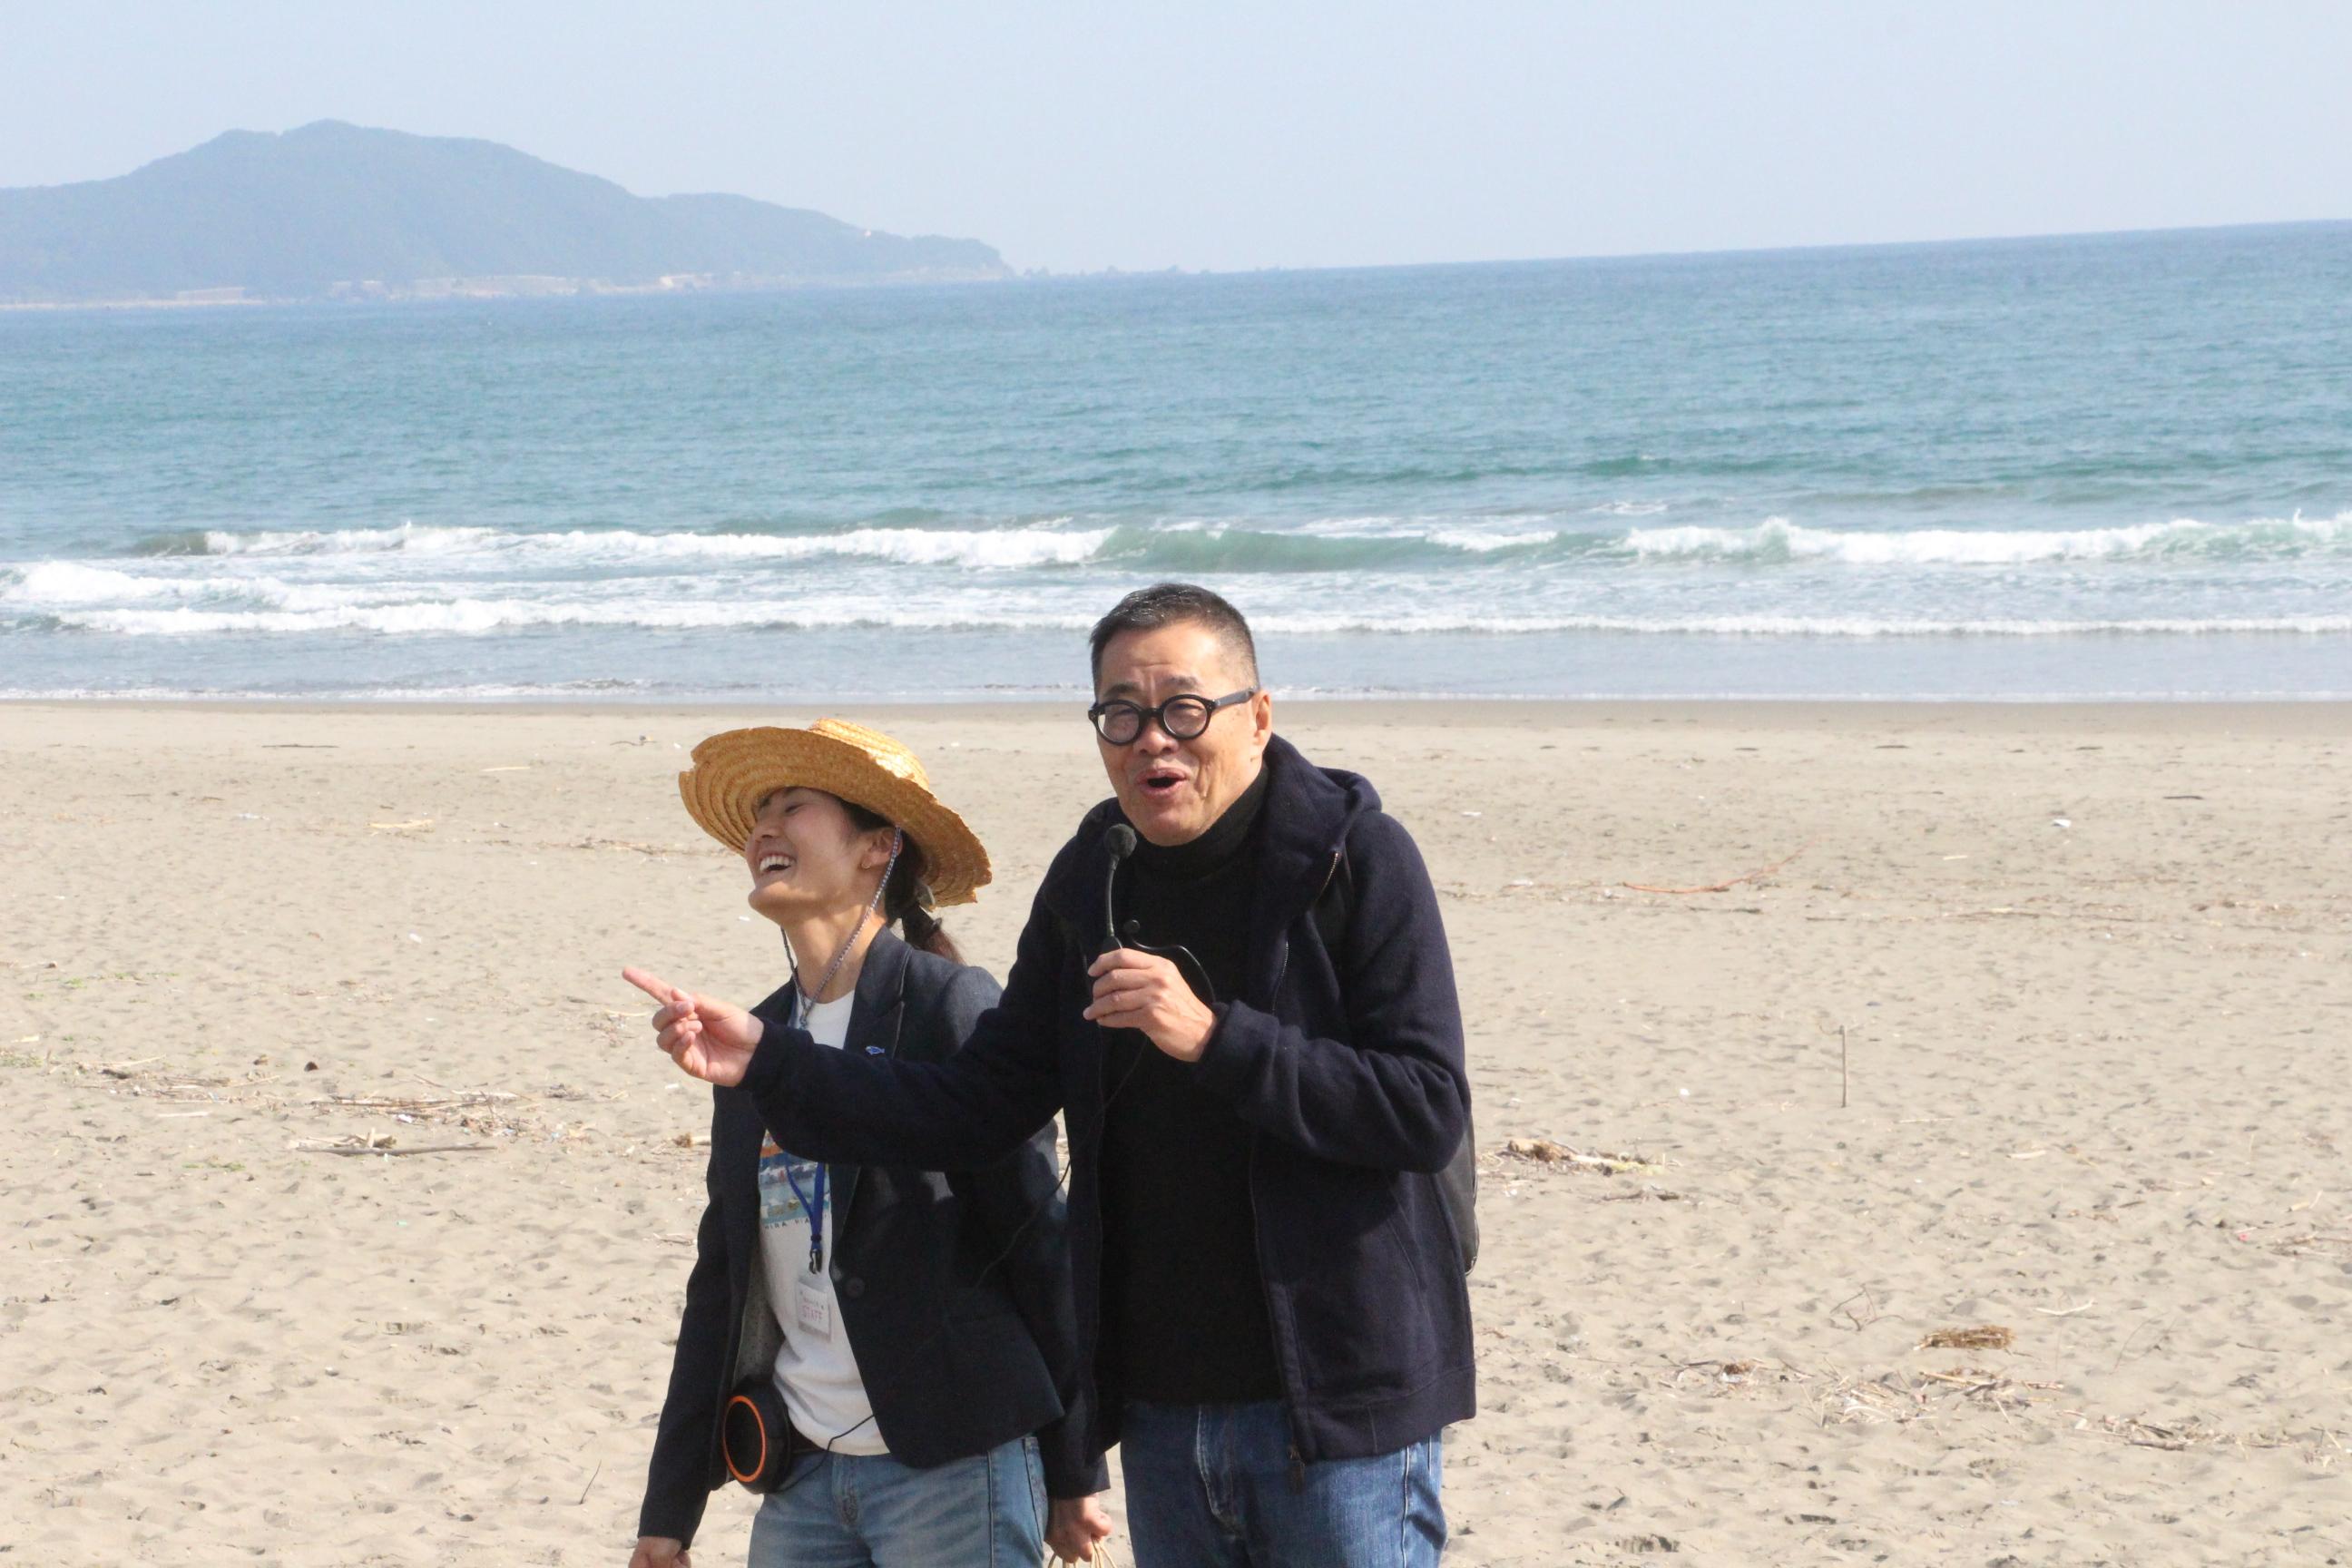 砂浜美術館の説明をする梅原真さんと学芸員のN村さん。